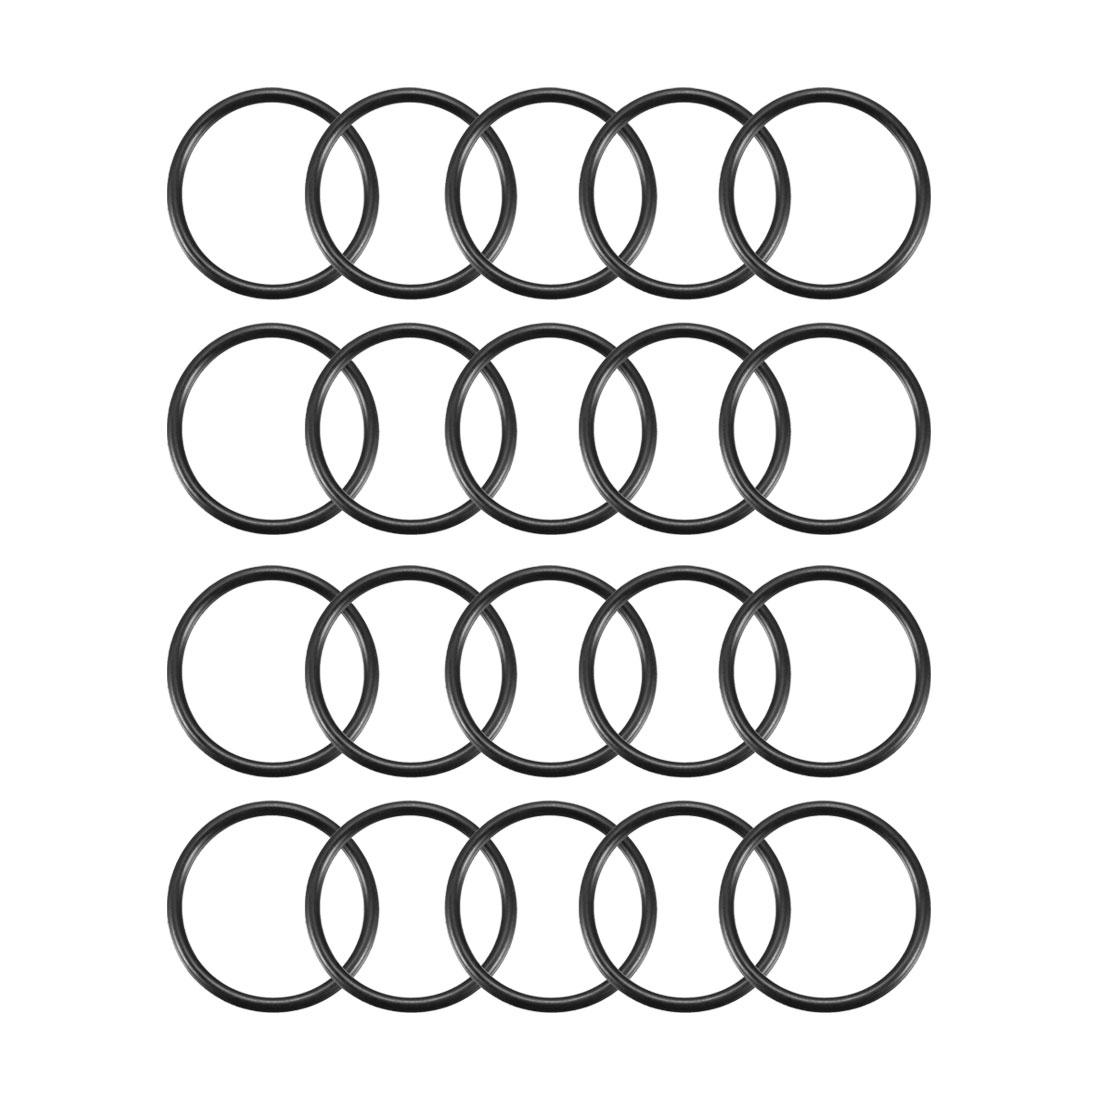 20pcs Black Nitrile Butadiene Rubber NBR O-Ring 18.8mm Inner Dia 1.6mm Width